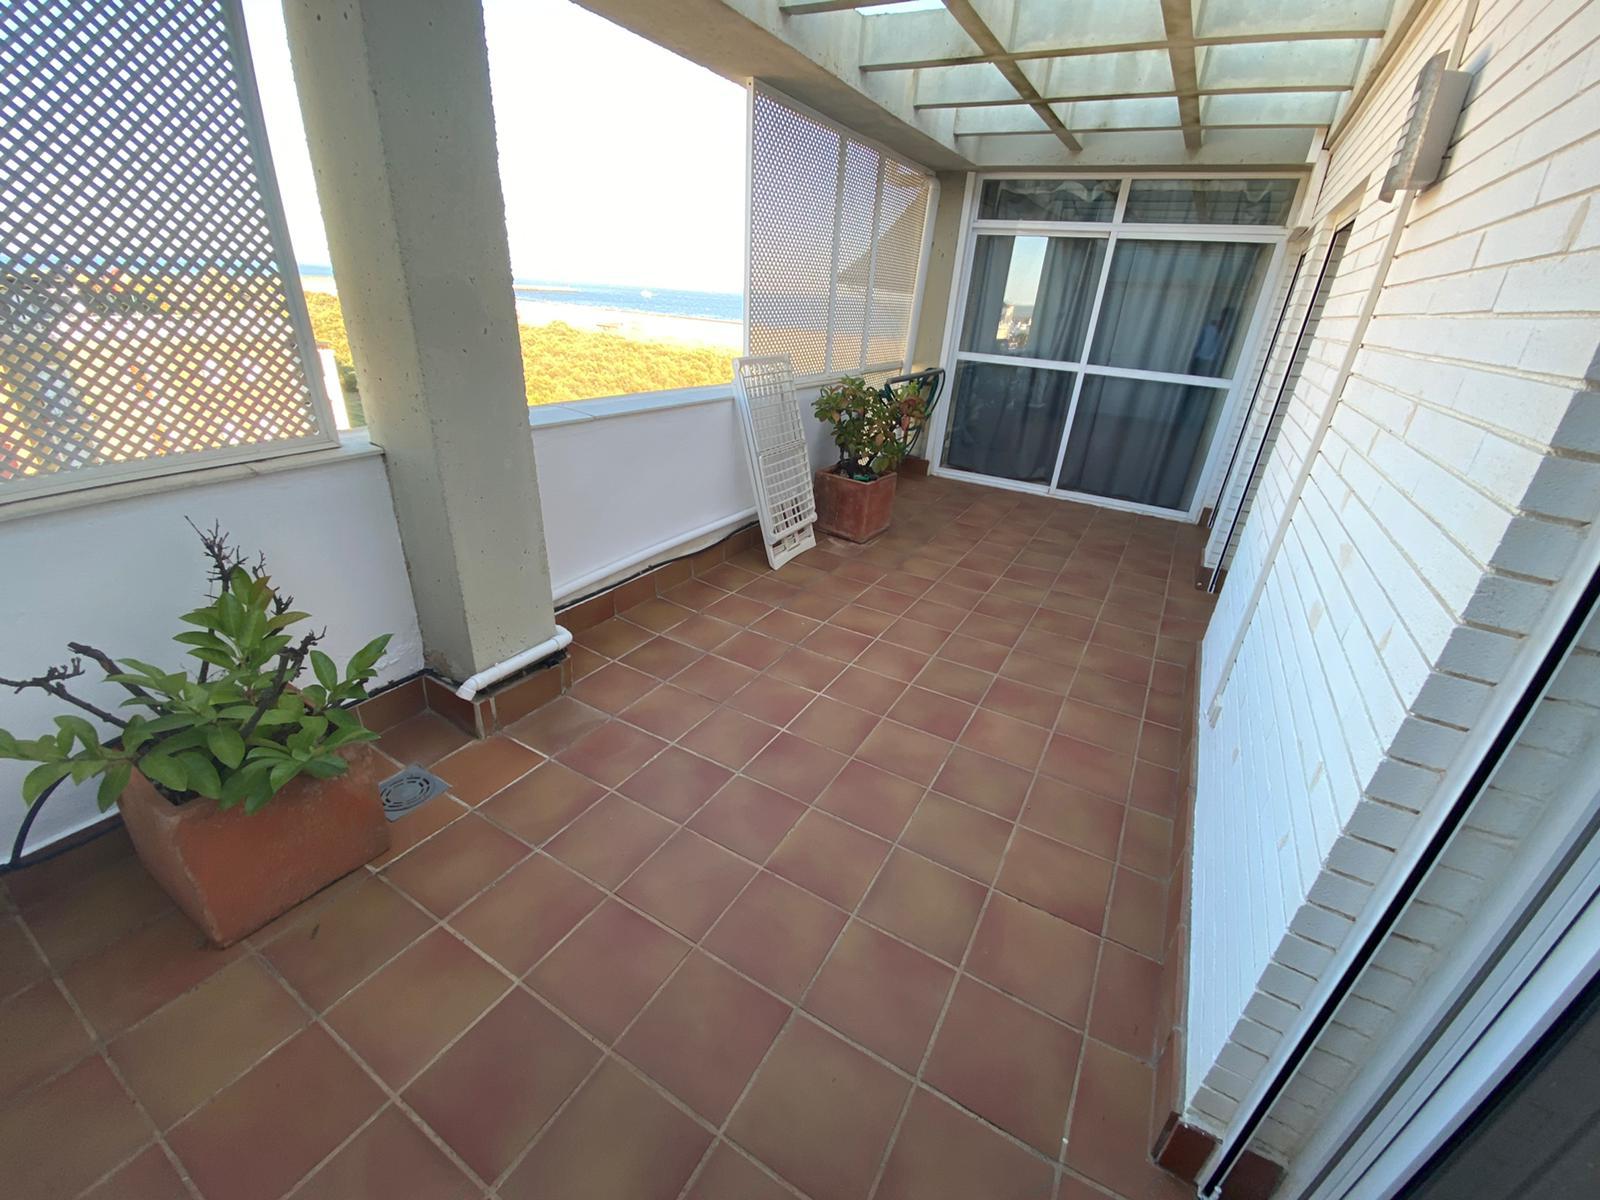 Imagen 34 del Apartamento Turístico, Ático 4 Levante, Frontal (4d+2b), Punta del Moral (HUELVA), Paseo de la Cruz nº22